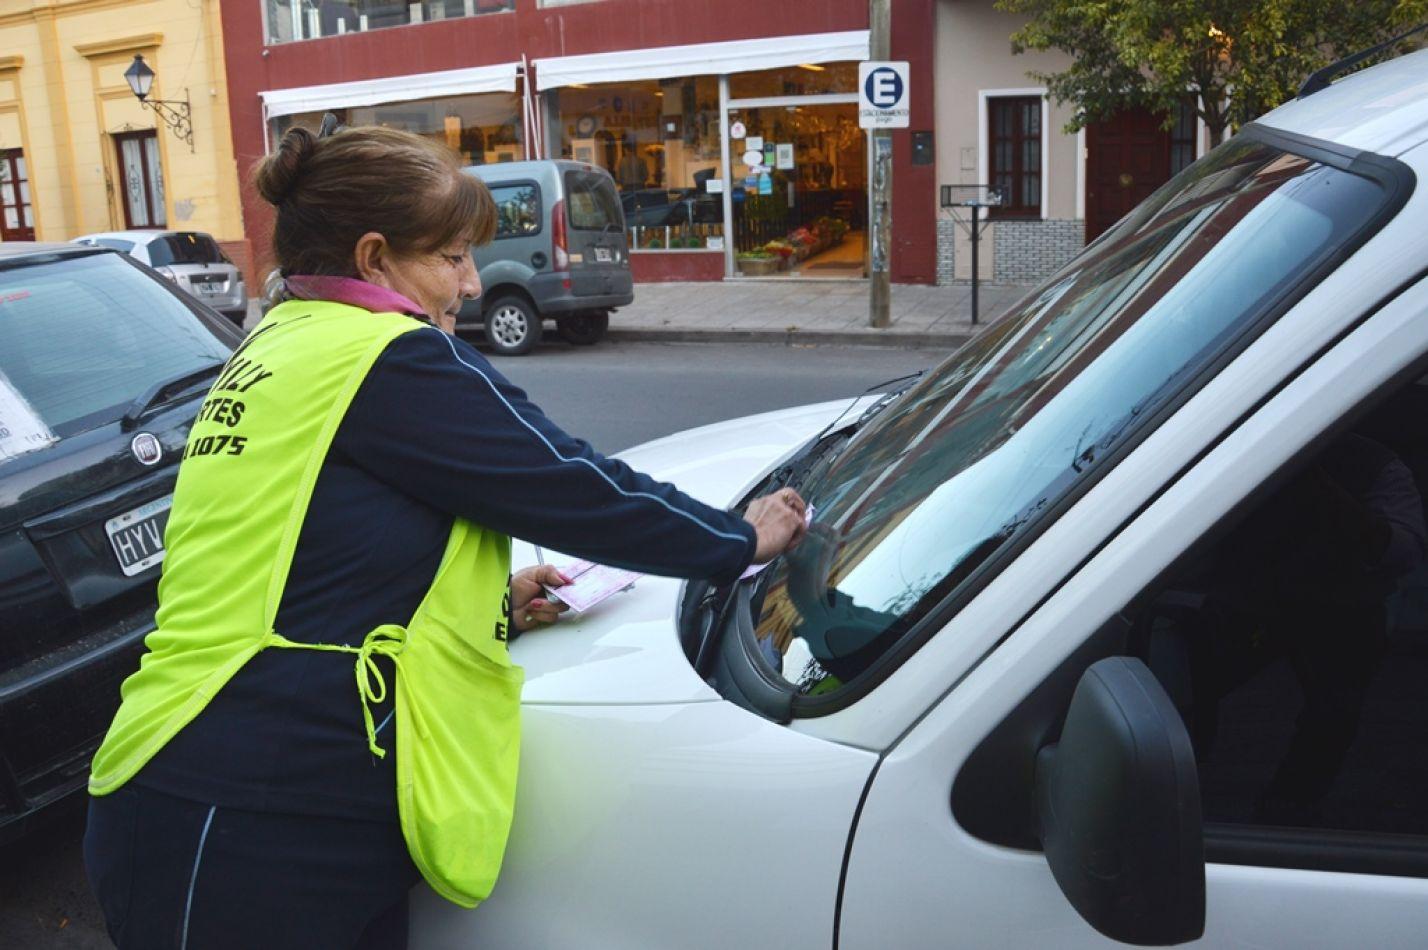 El talonario de estacionamiento medido mantendrá el precio de $150 hasta el 31 de marzo de 2021